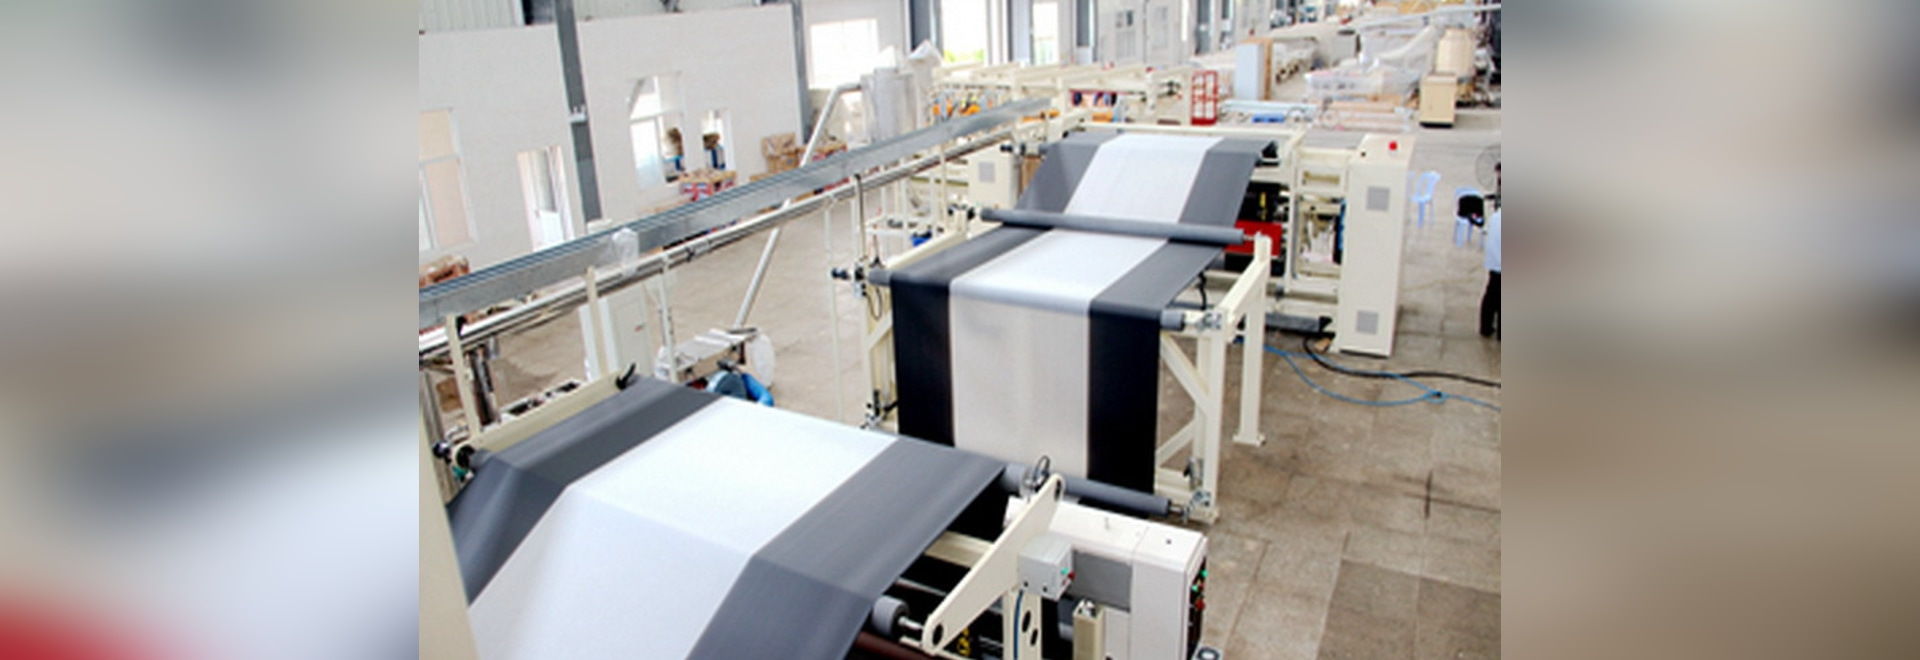 6-layer cubren con pajote la máquina de bastidor de la película en Israel